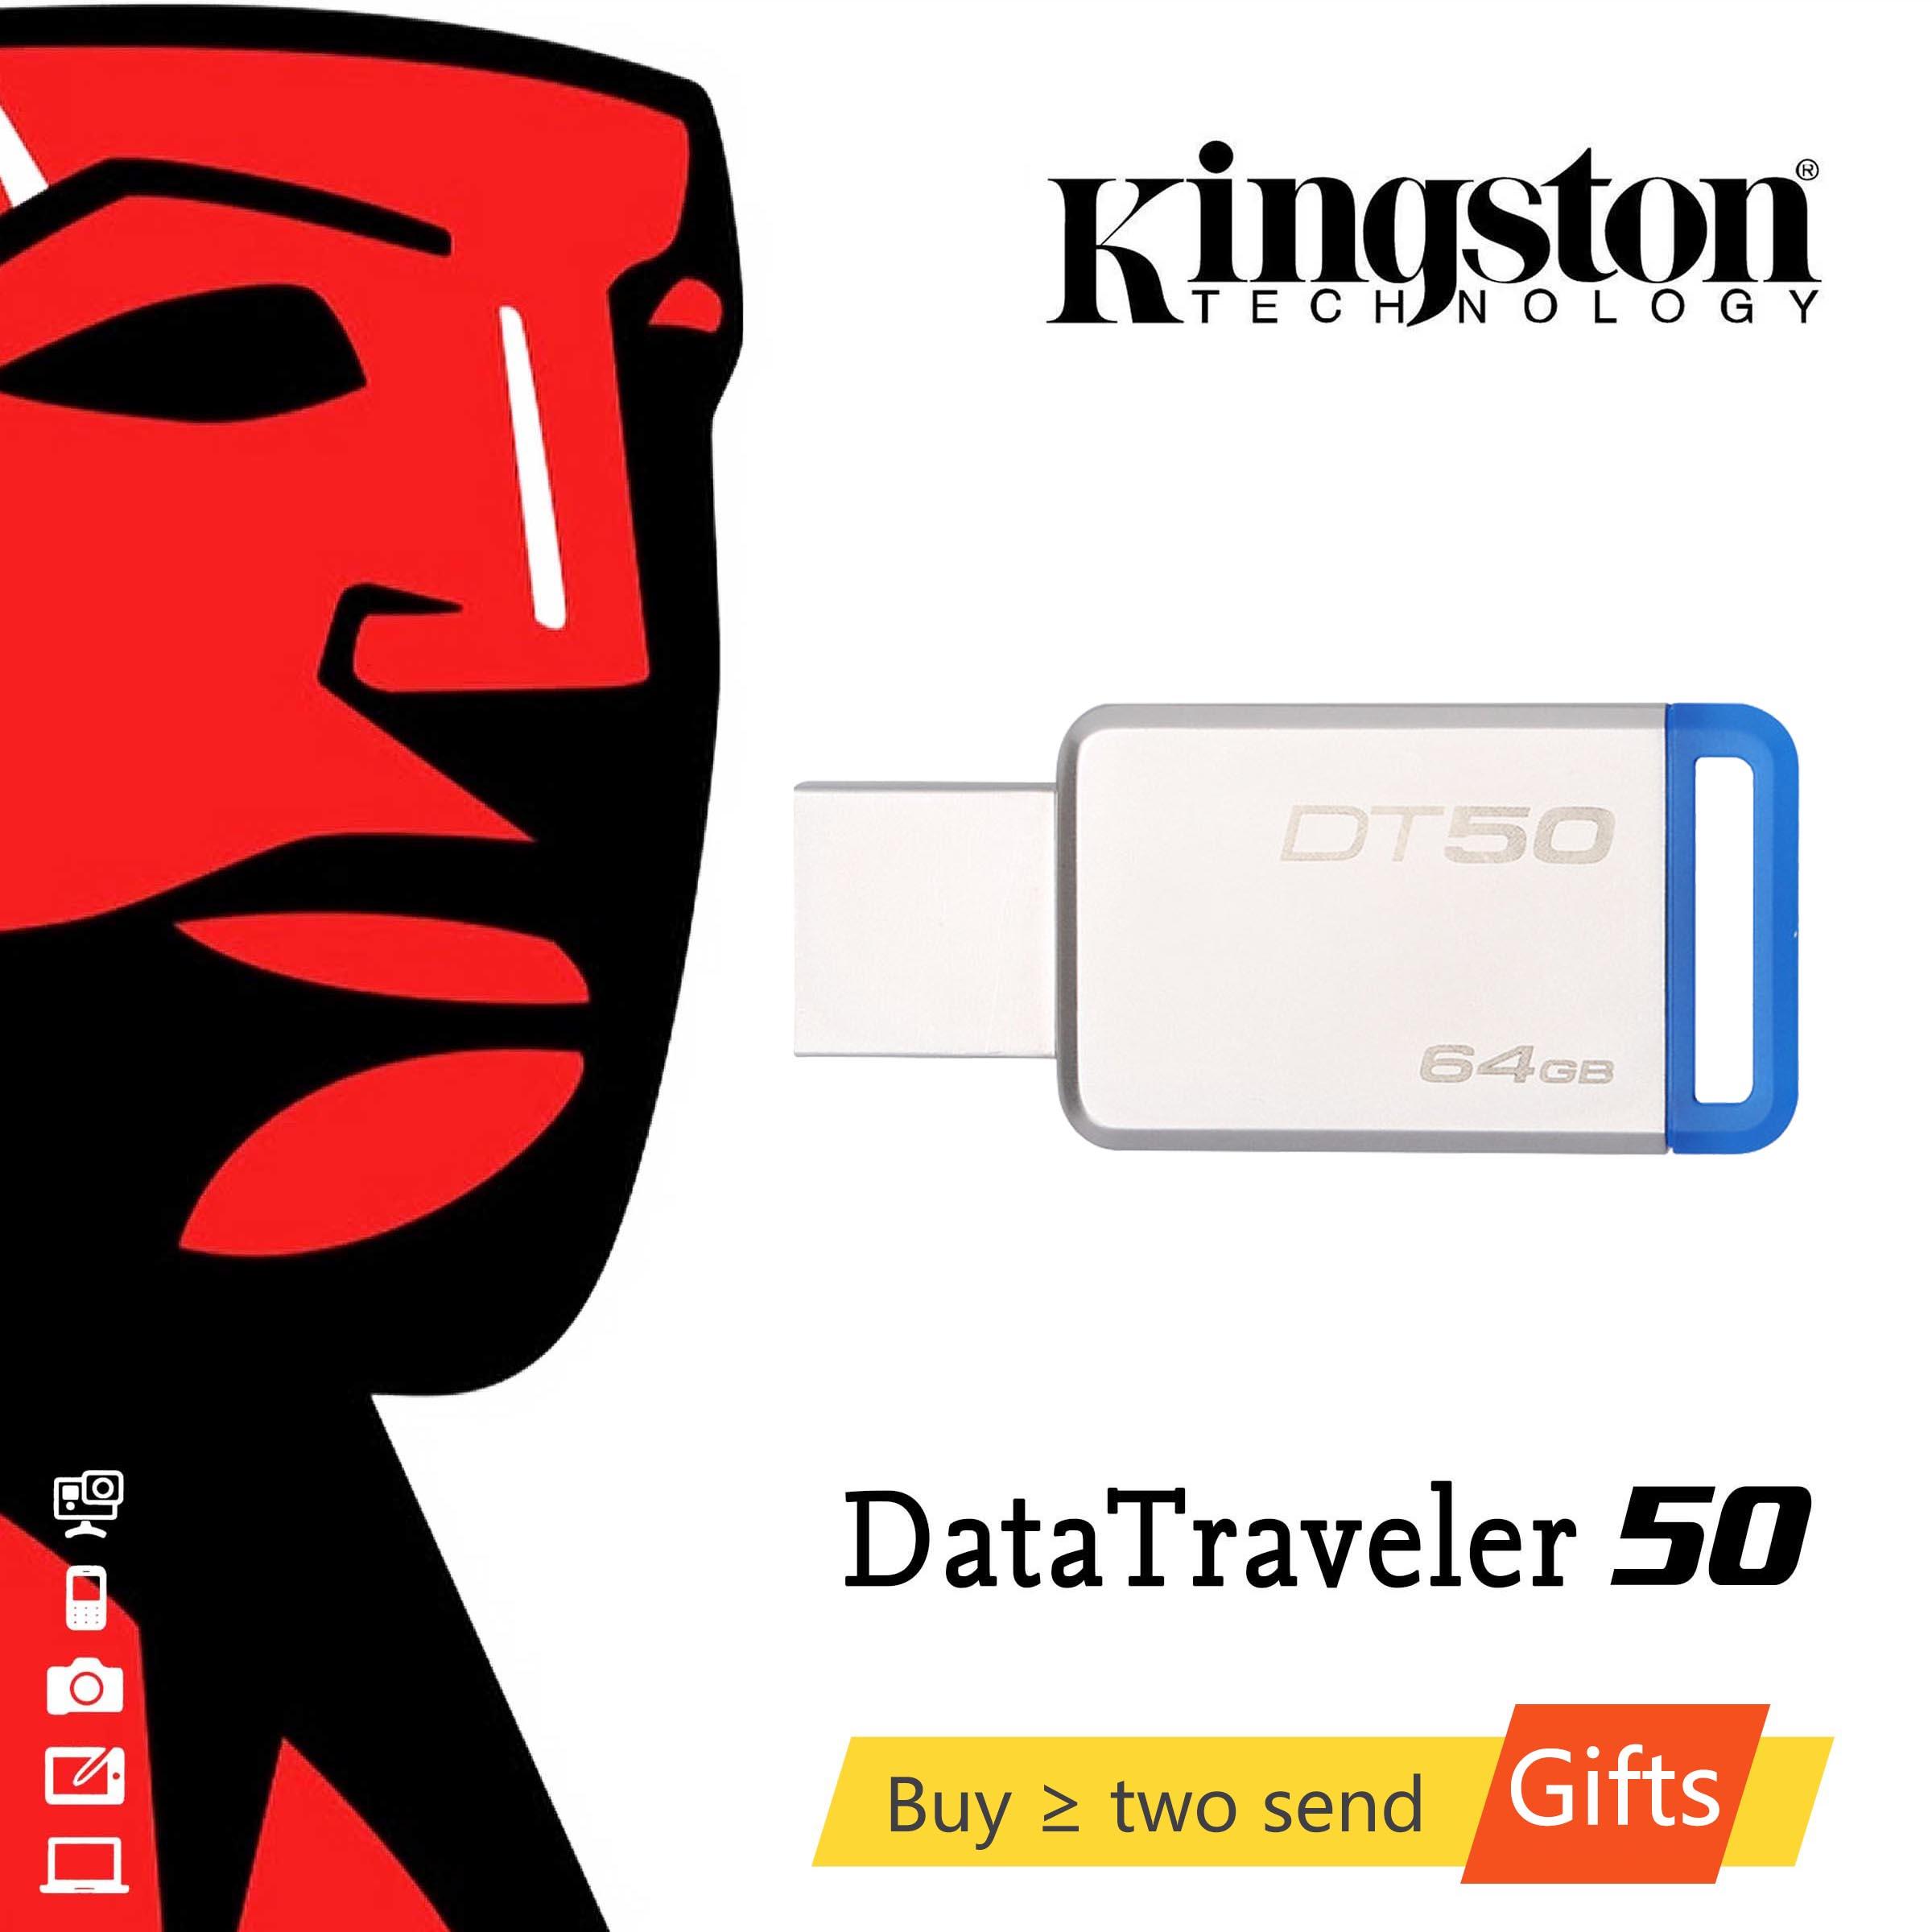 KINGSTON Stick 64GB USB 3,1 High Speed 16G USB Flash Drive 128GB/64GB/32GB/16GB/8GB Reale Kapazität 32G-Stick USB Stick 128G